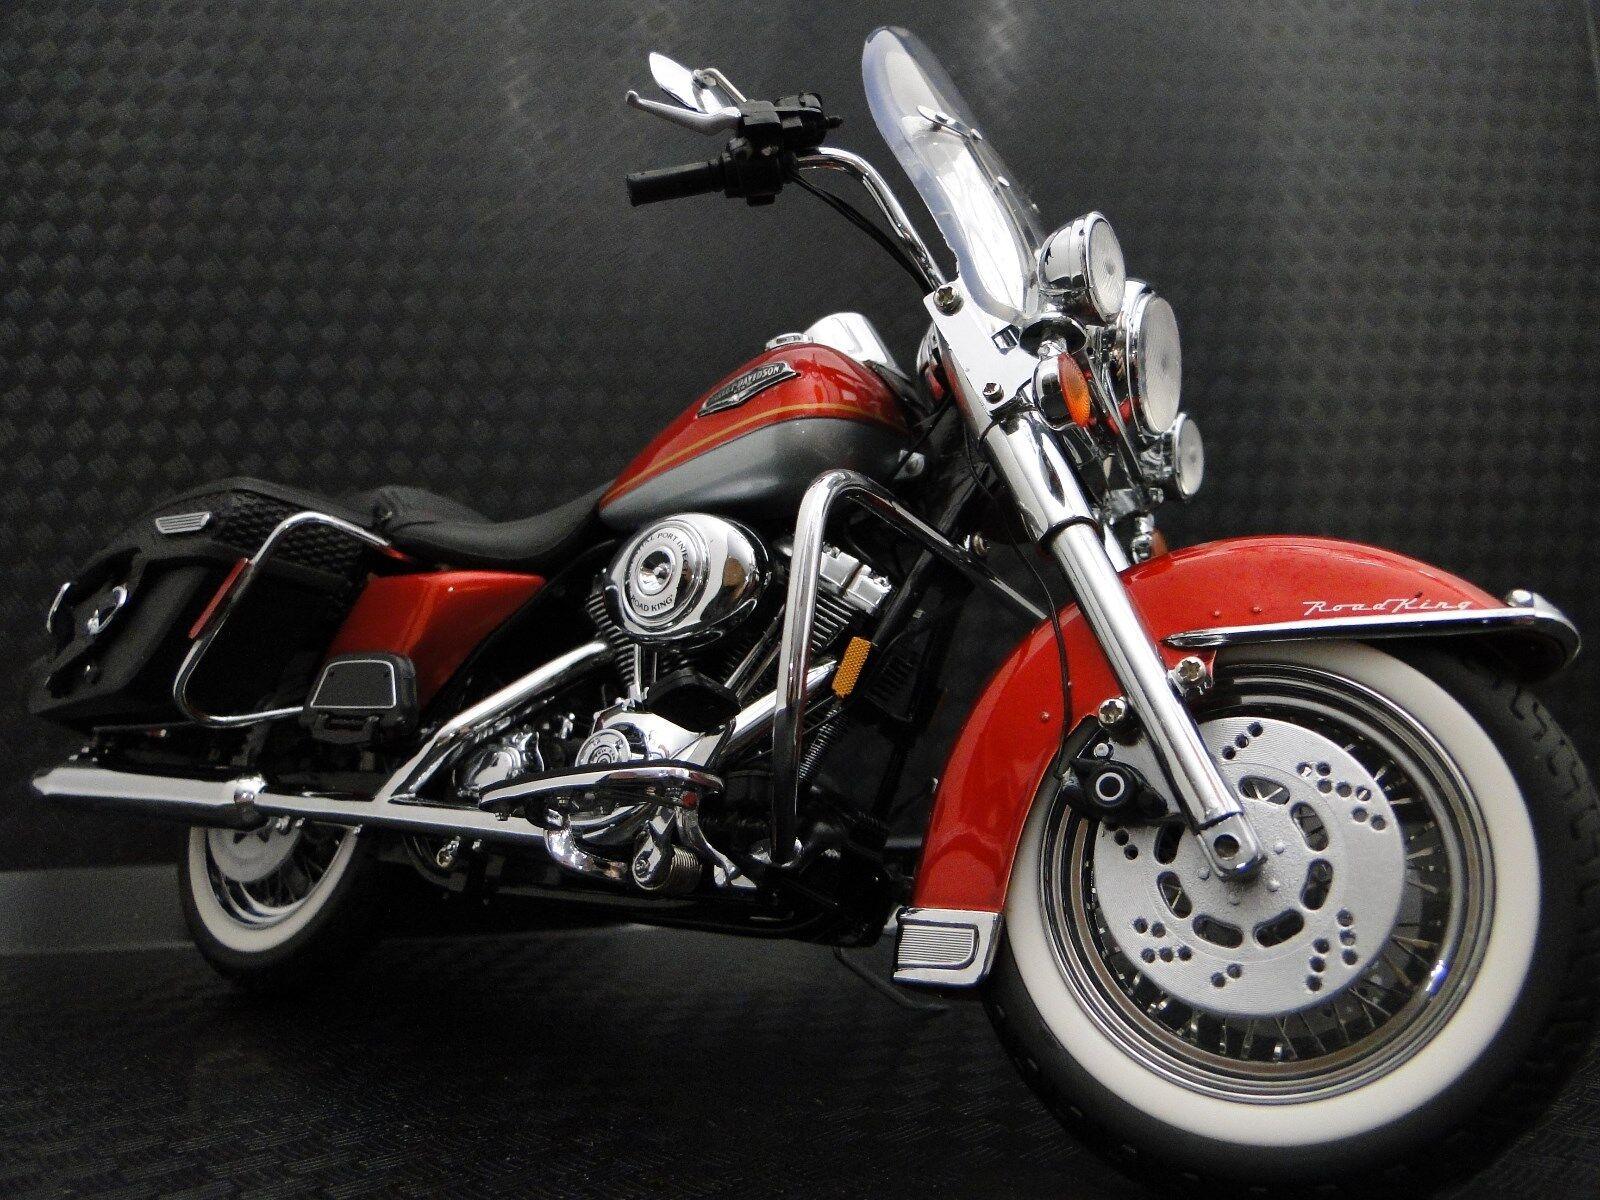 Bike Harley Davidson Built Motorcycle 1 Model 10 Vintage 12 Rod 24 Touring 18